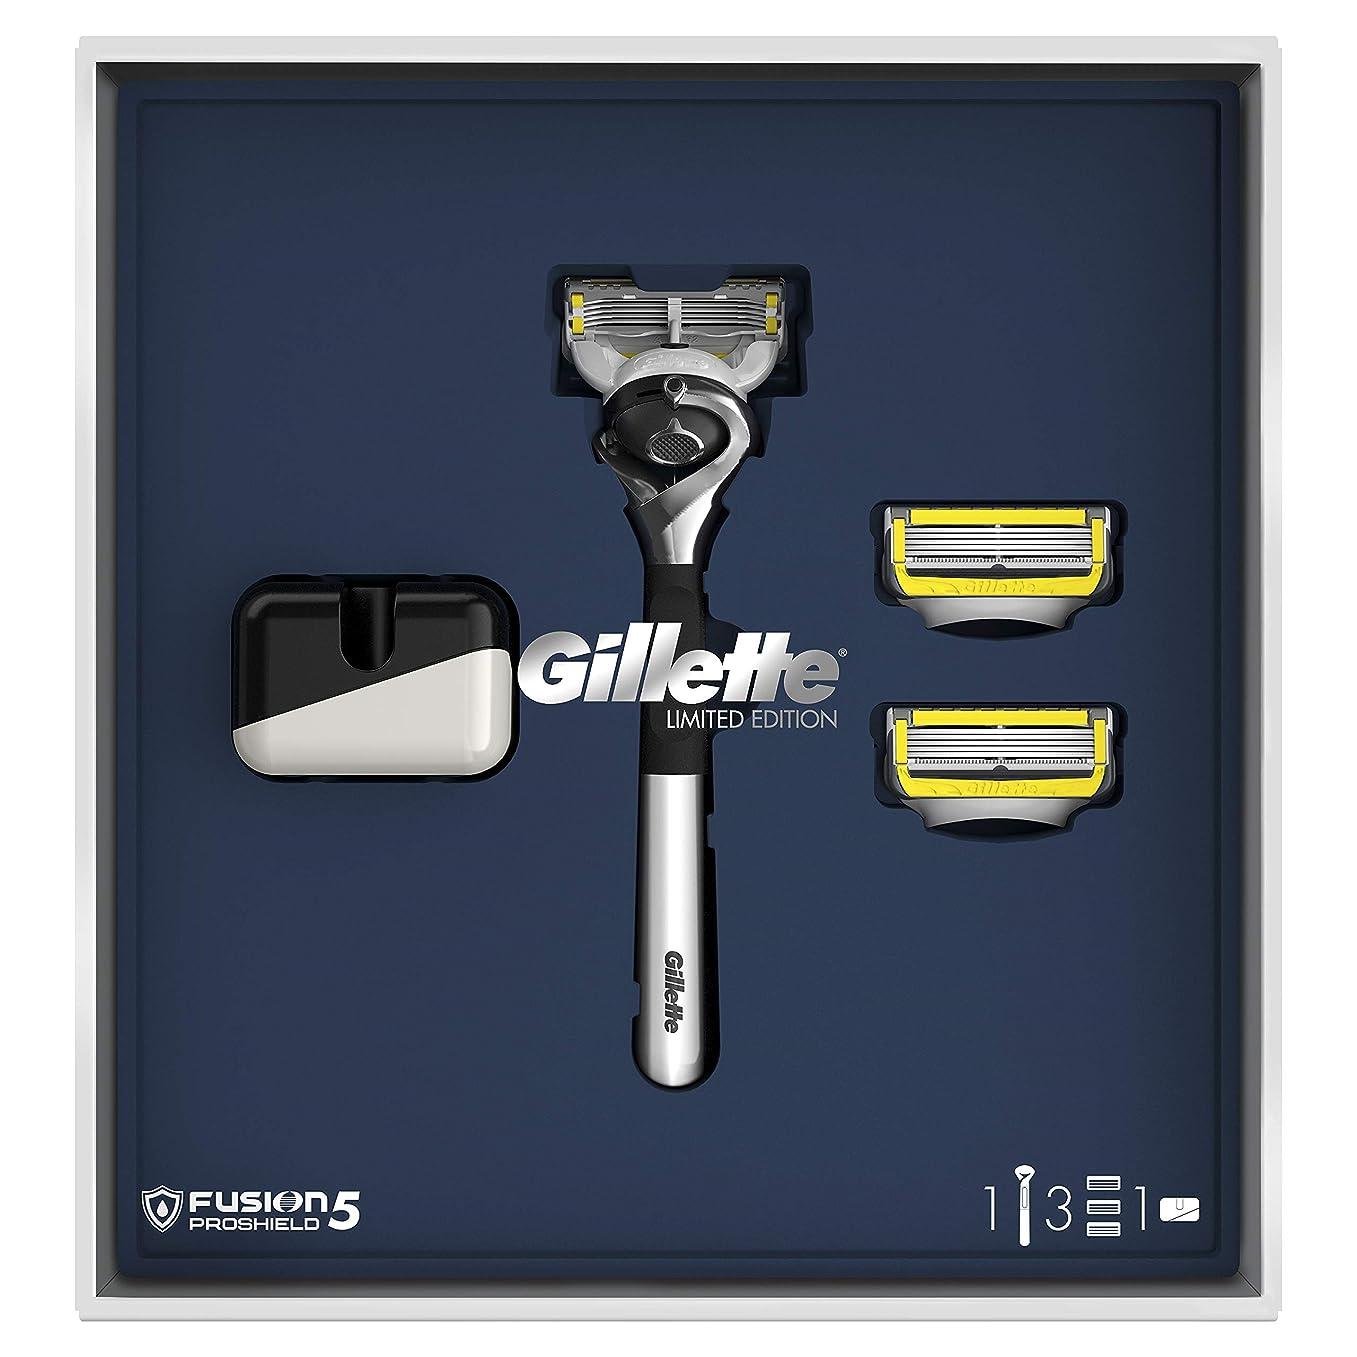 取るに足らない天才心配するジレット プロシールド 髭剃り本体+替刃3個 オリジナルスタンド付 スペシャルパッケージ